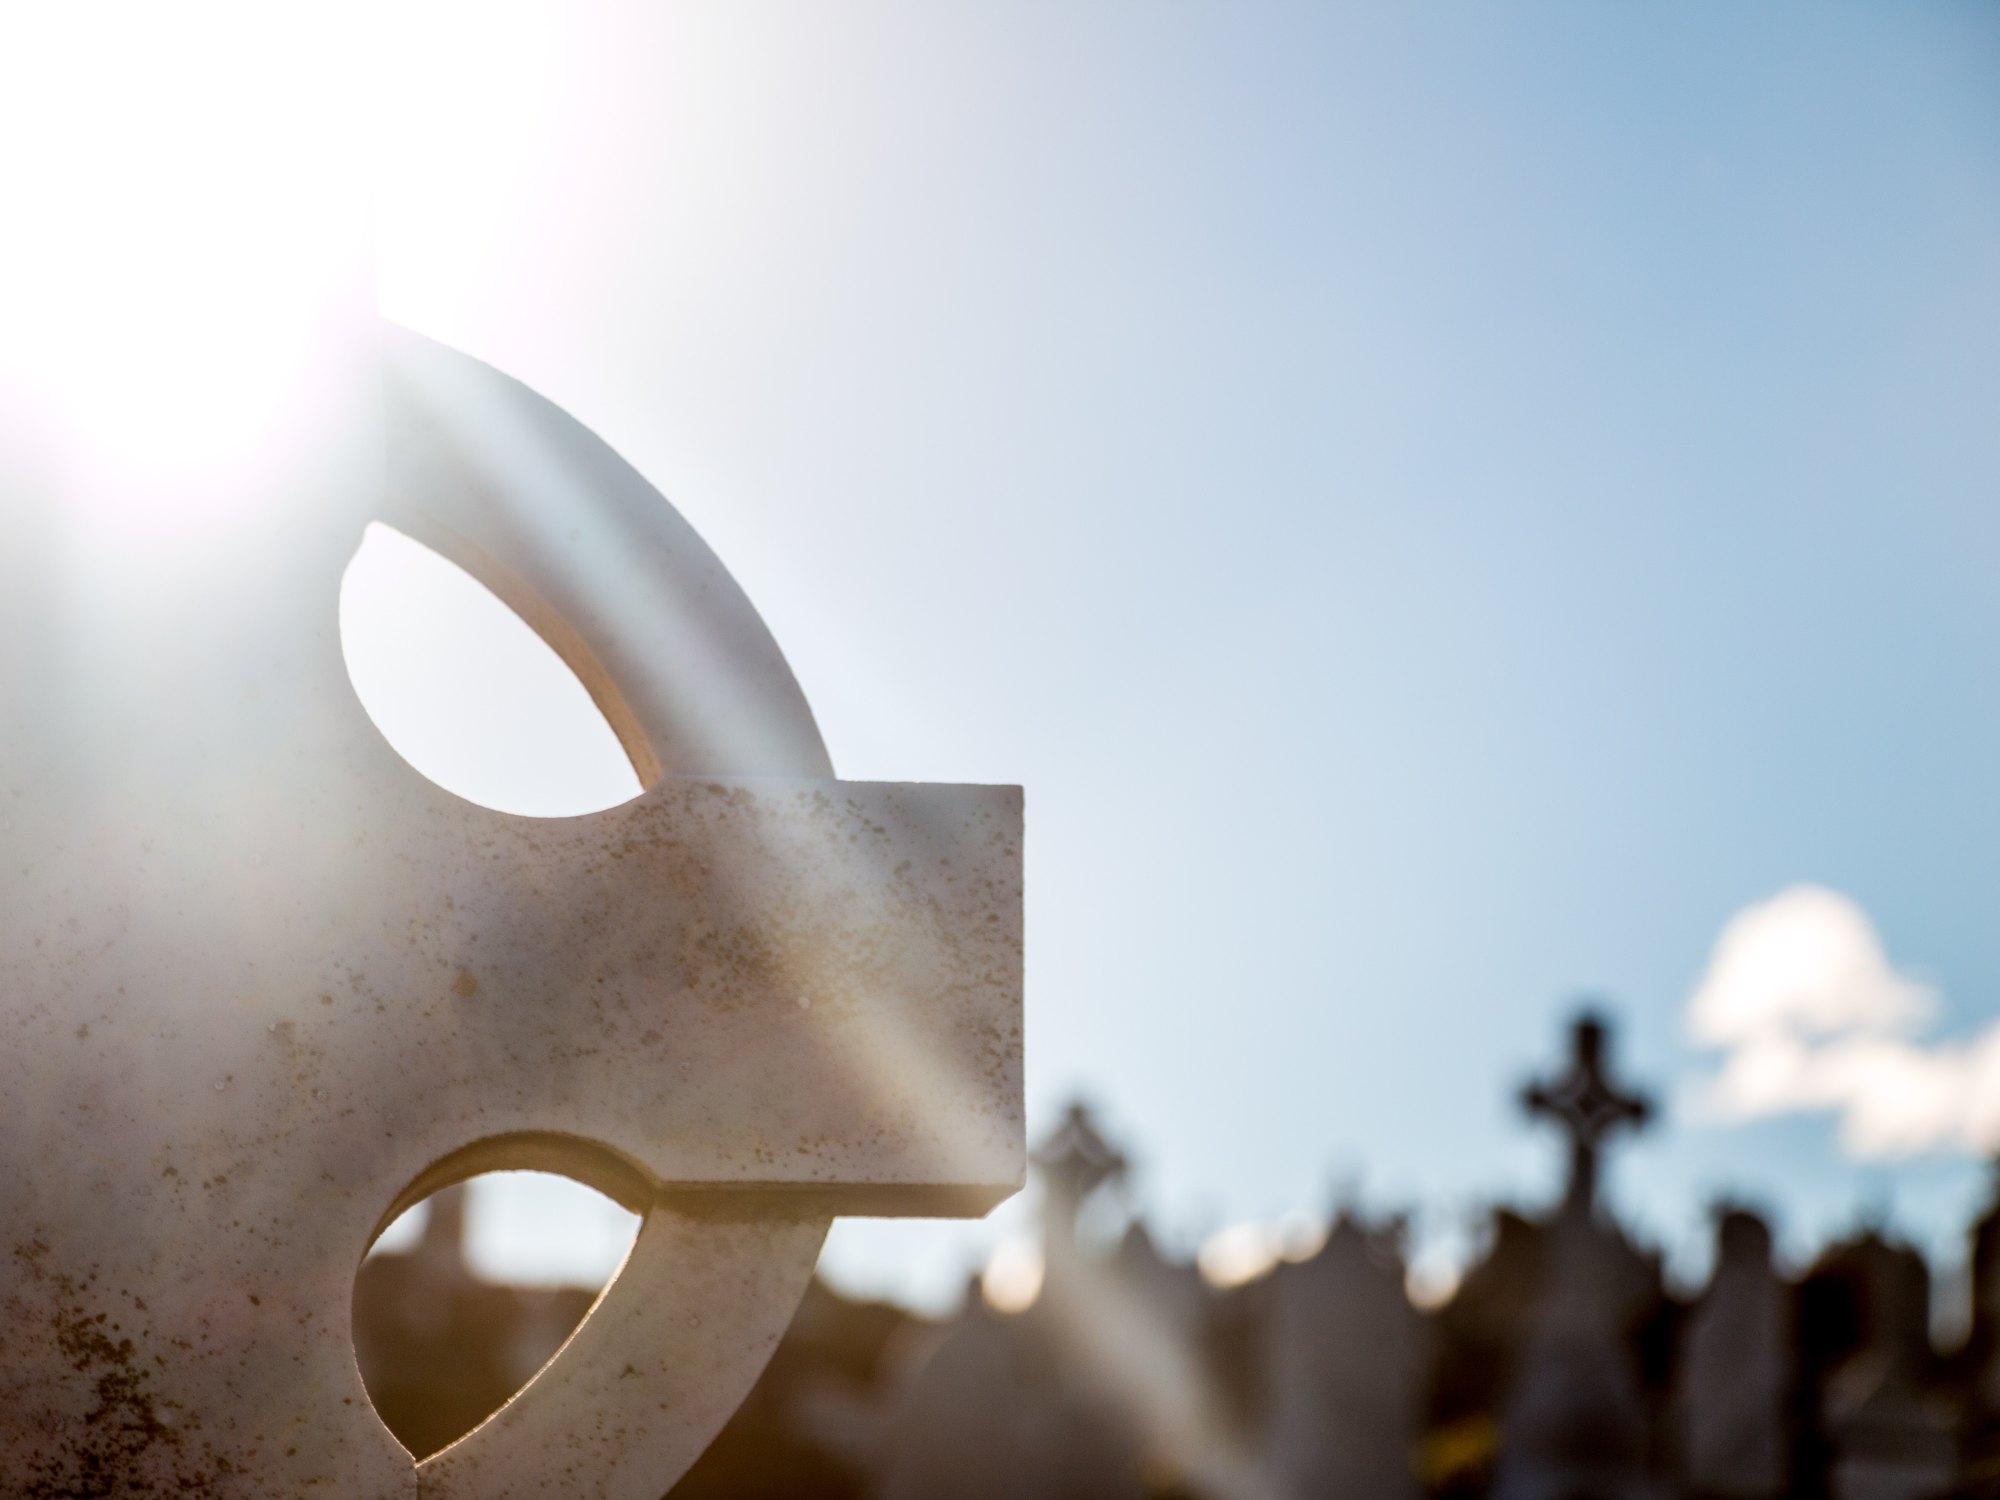 Dios resucitará a los muertos